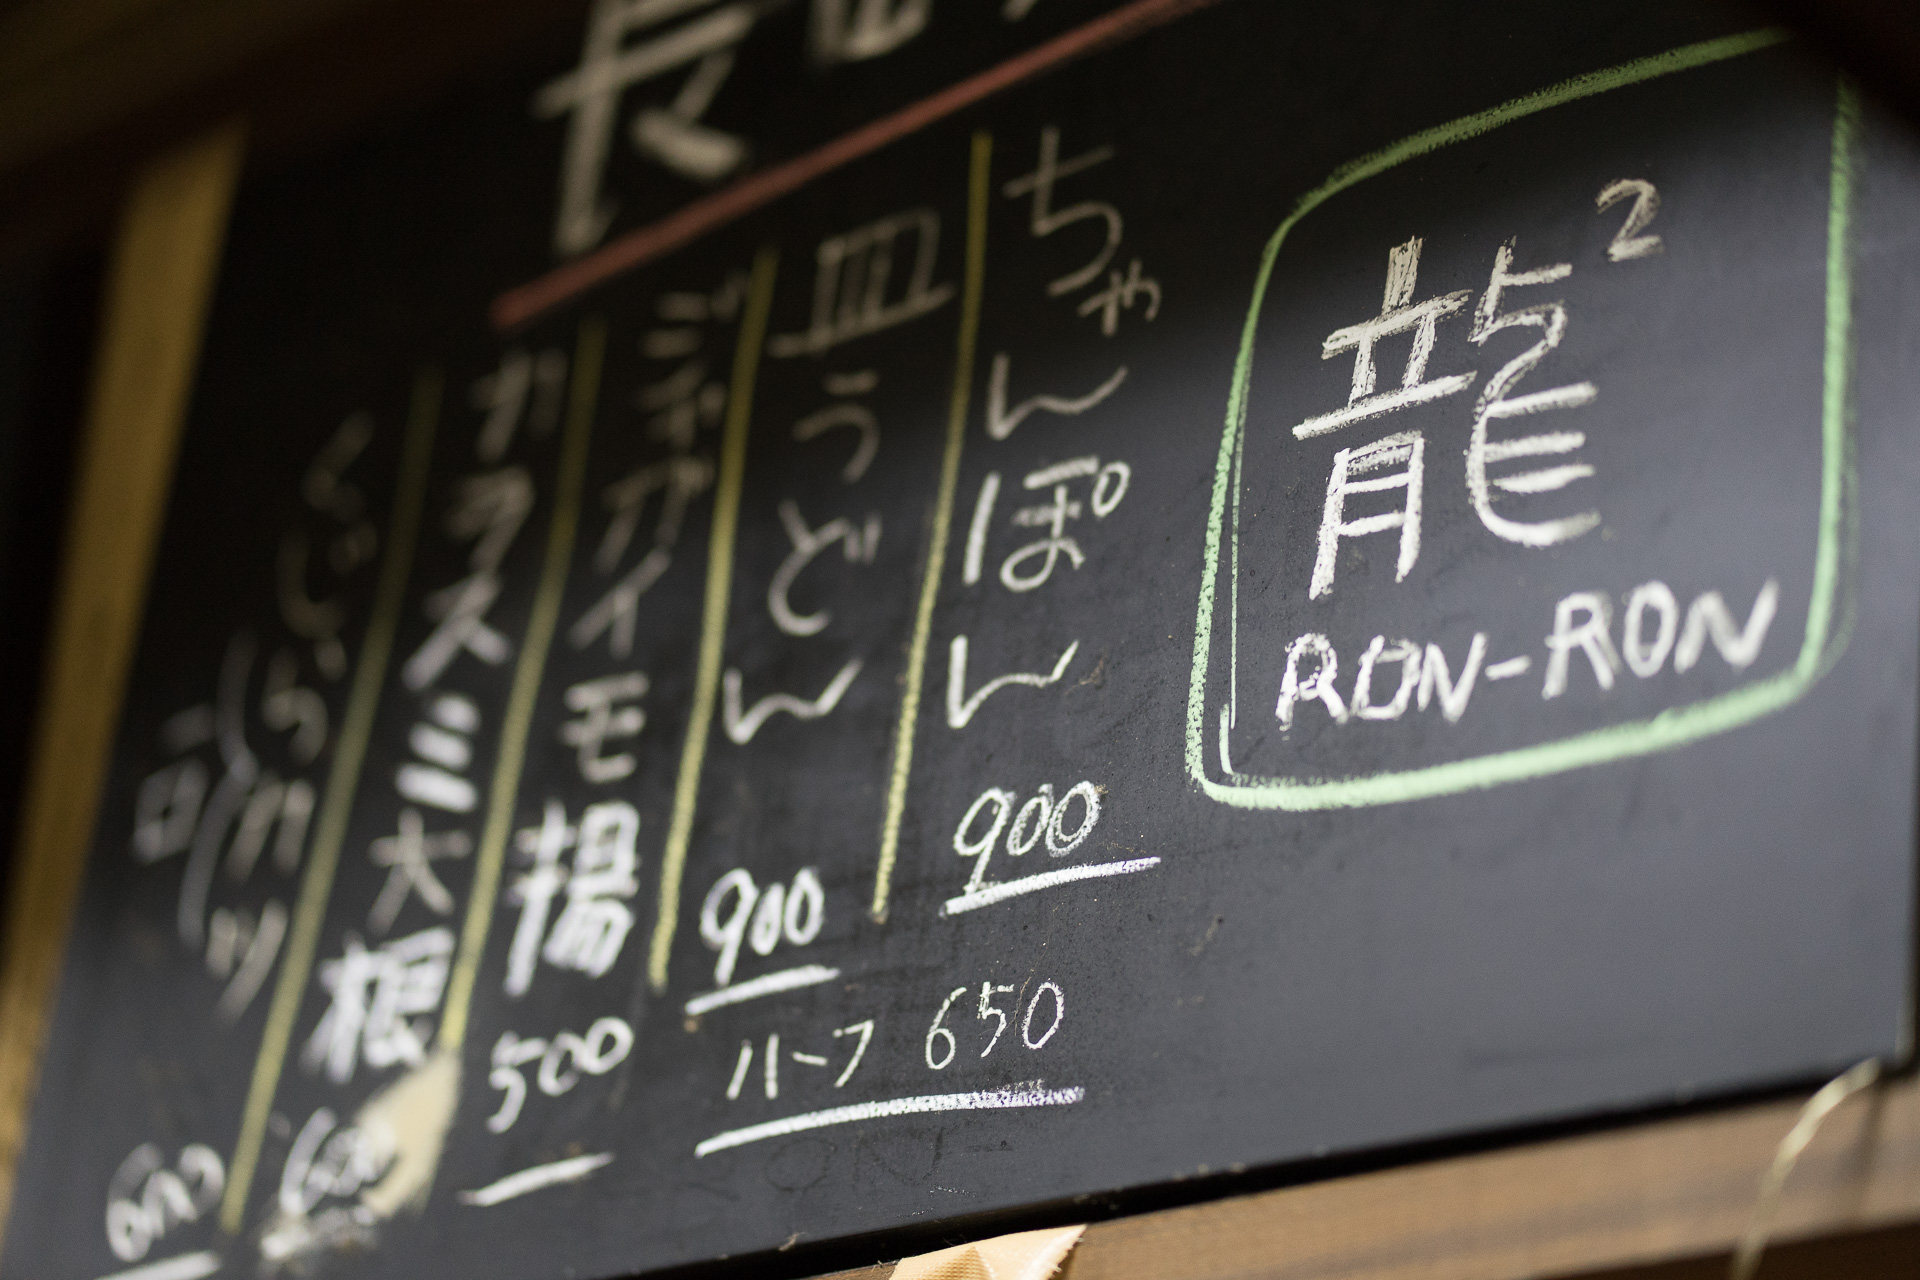 吉祥寺 ハモニカ横丁 龍 RON-RON メニュー